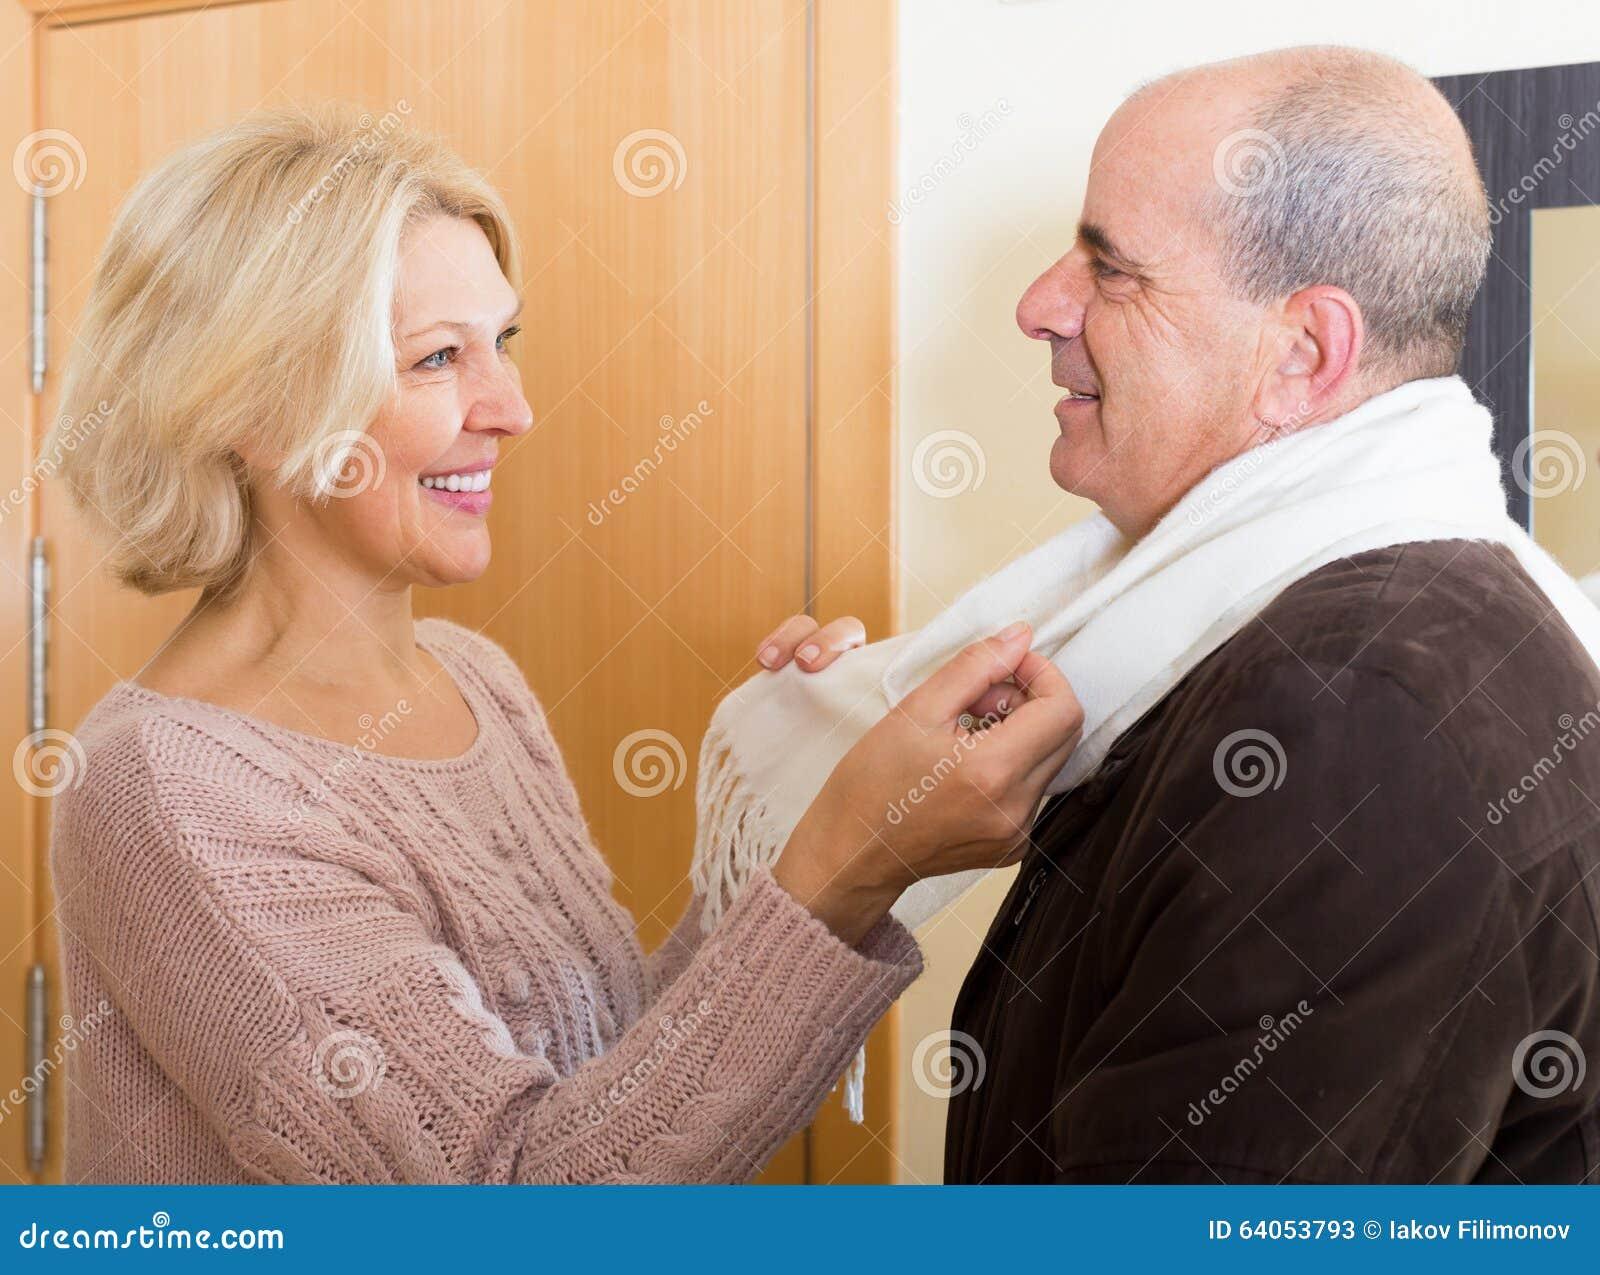 La moglie prende la cura circa il marito immagine stock - Video marito porta la moglie a scopare ...